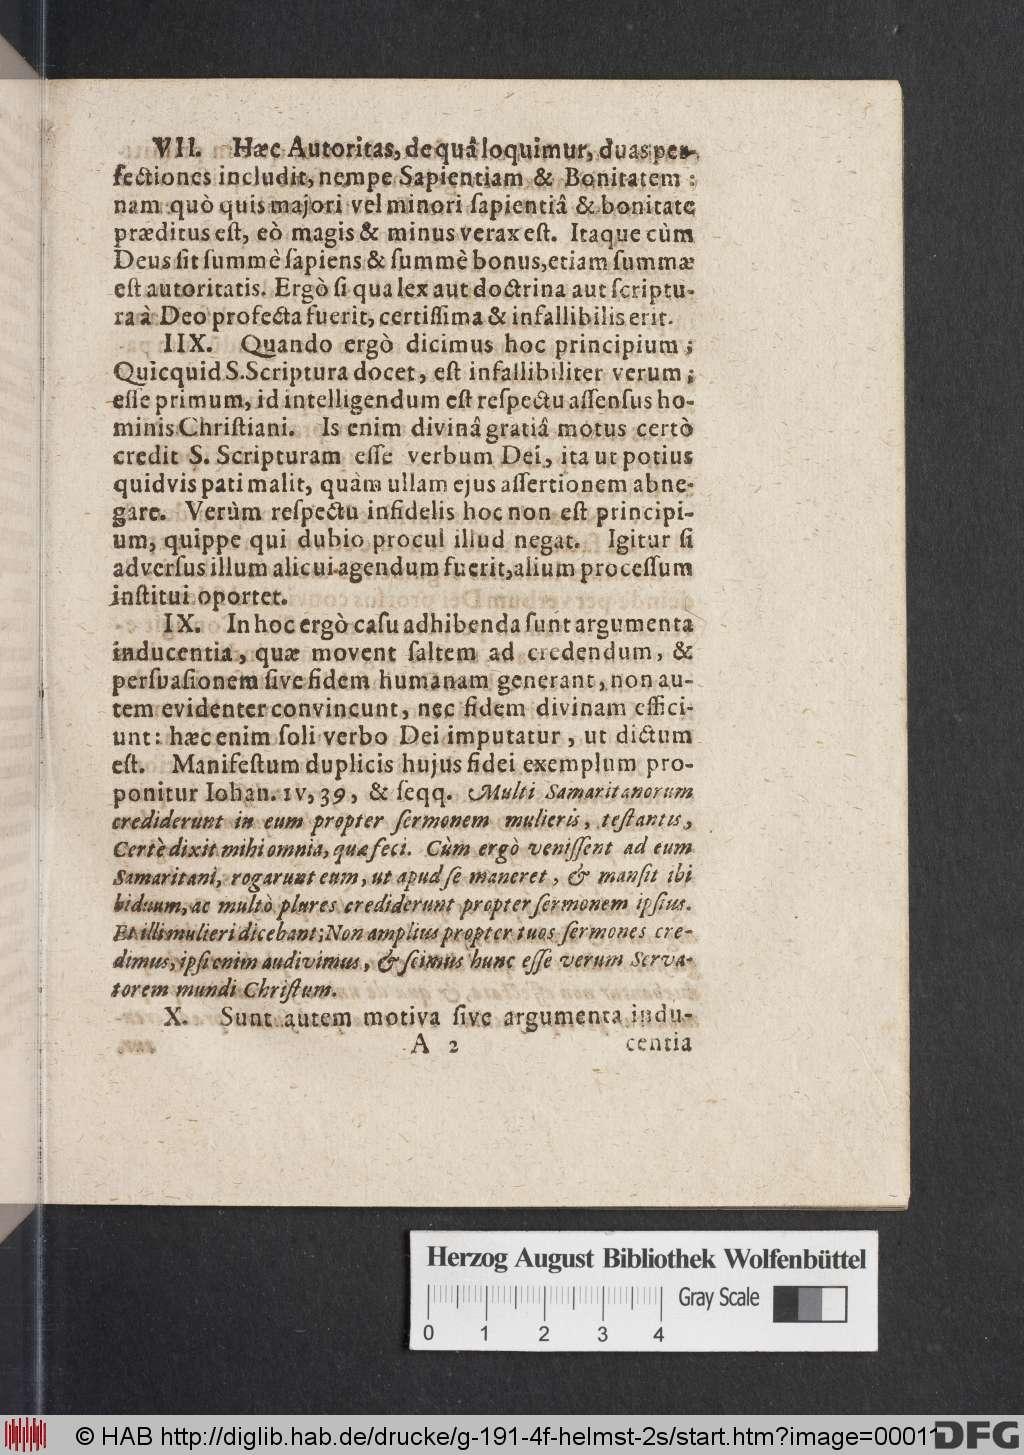 http://diglib.hab.de/drucke/g-191-4f-helmst-2s/00011.jpg